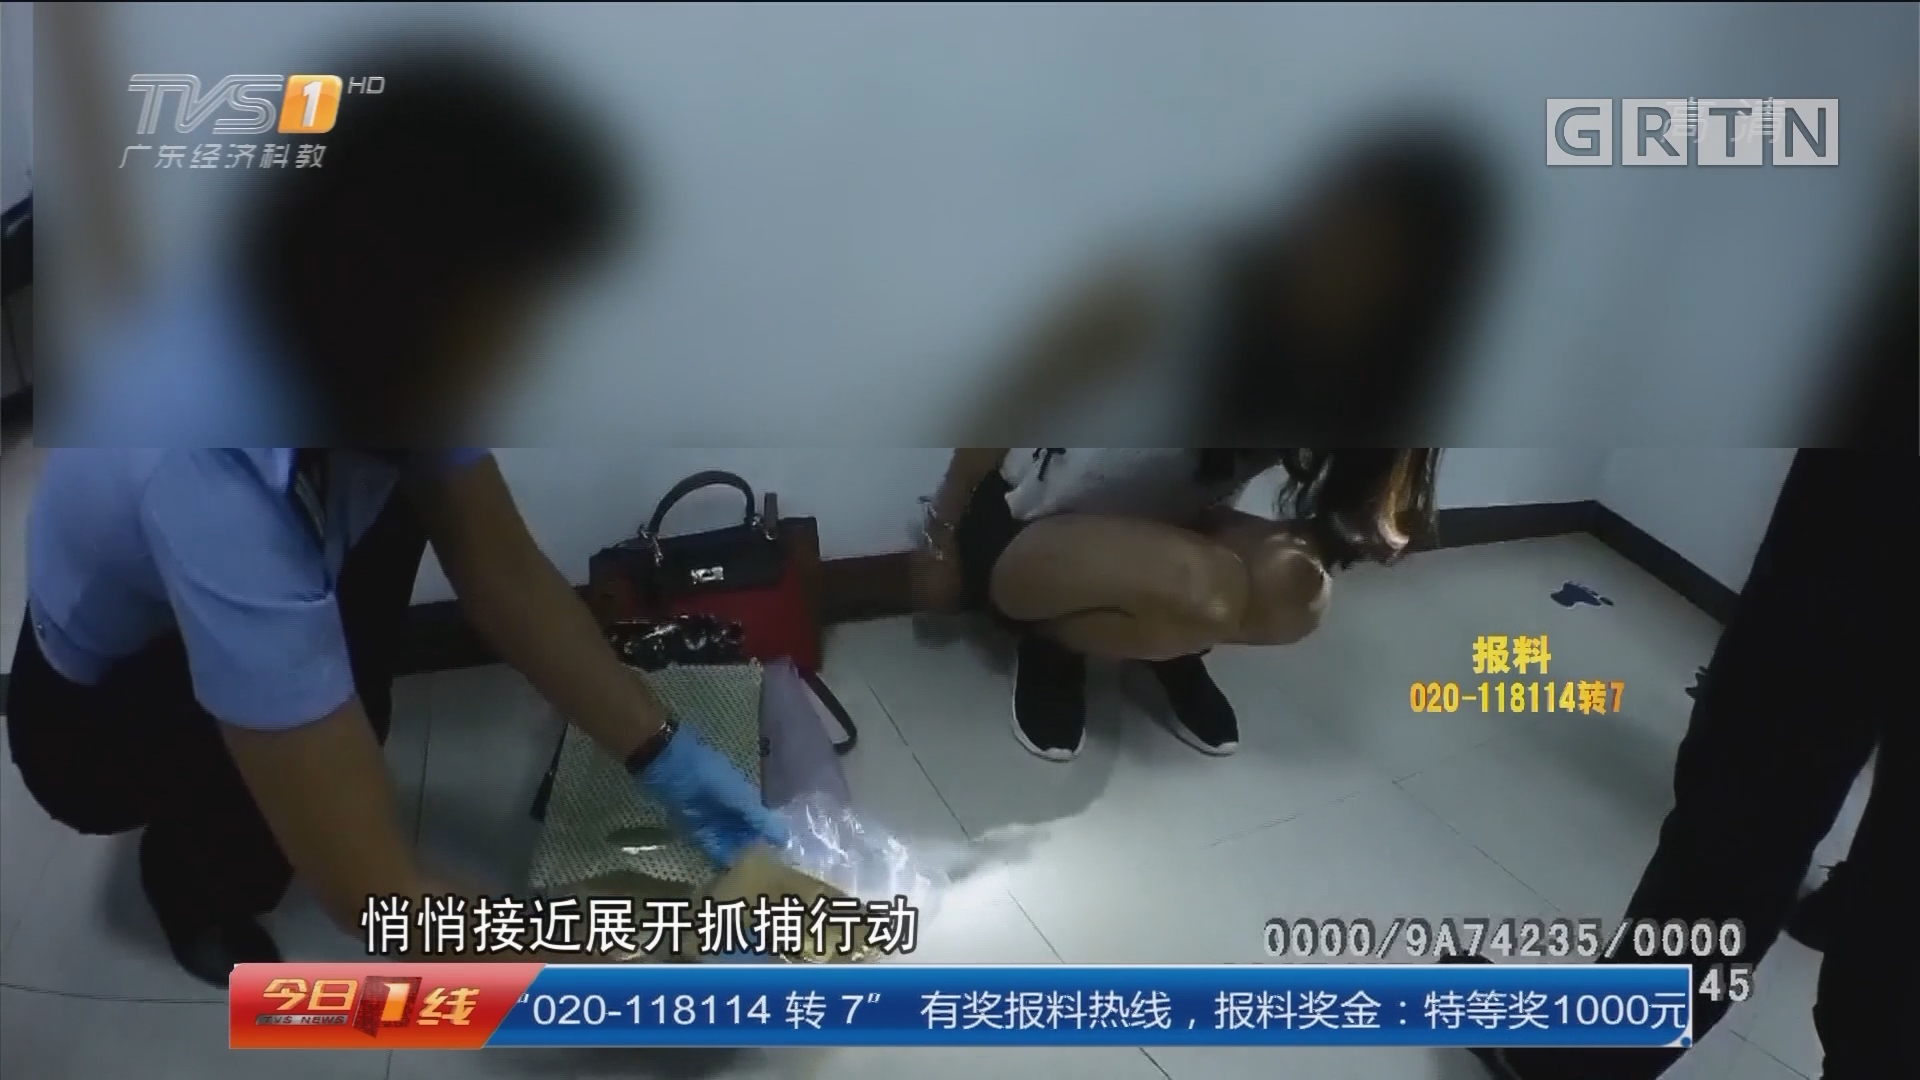 肇庆:特警鸣枪围捕毒贩 摧毁贩毒团伙